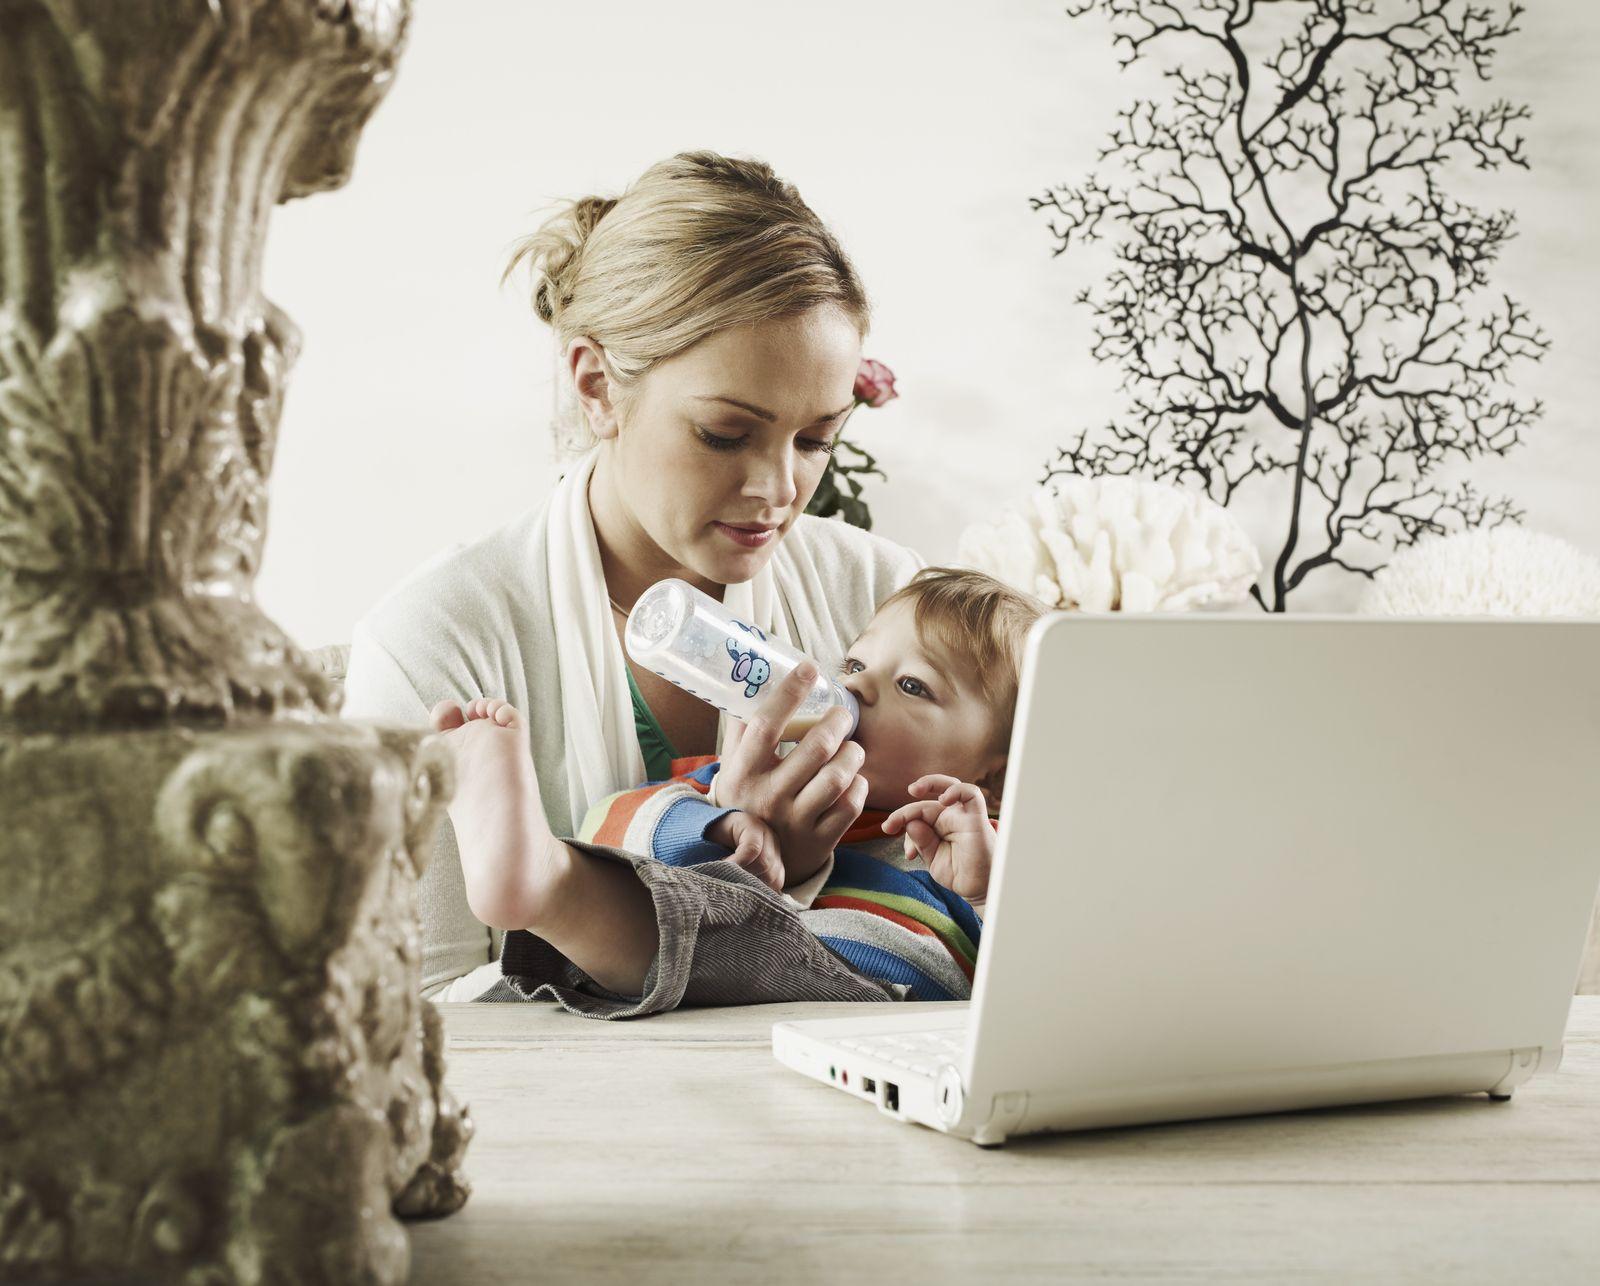 NICHT MEHR VERWENDEN! - Symbolbild Frau mit Baby / Familie & Karriere / Elternzeit